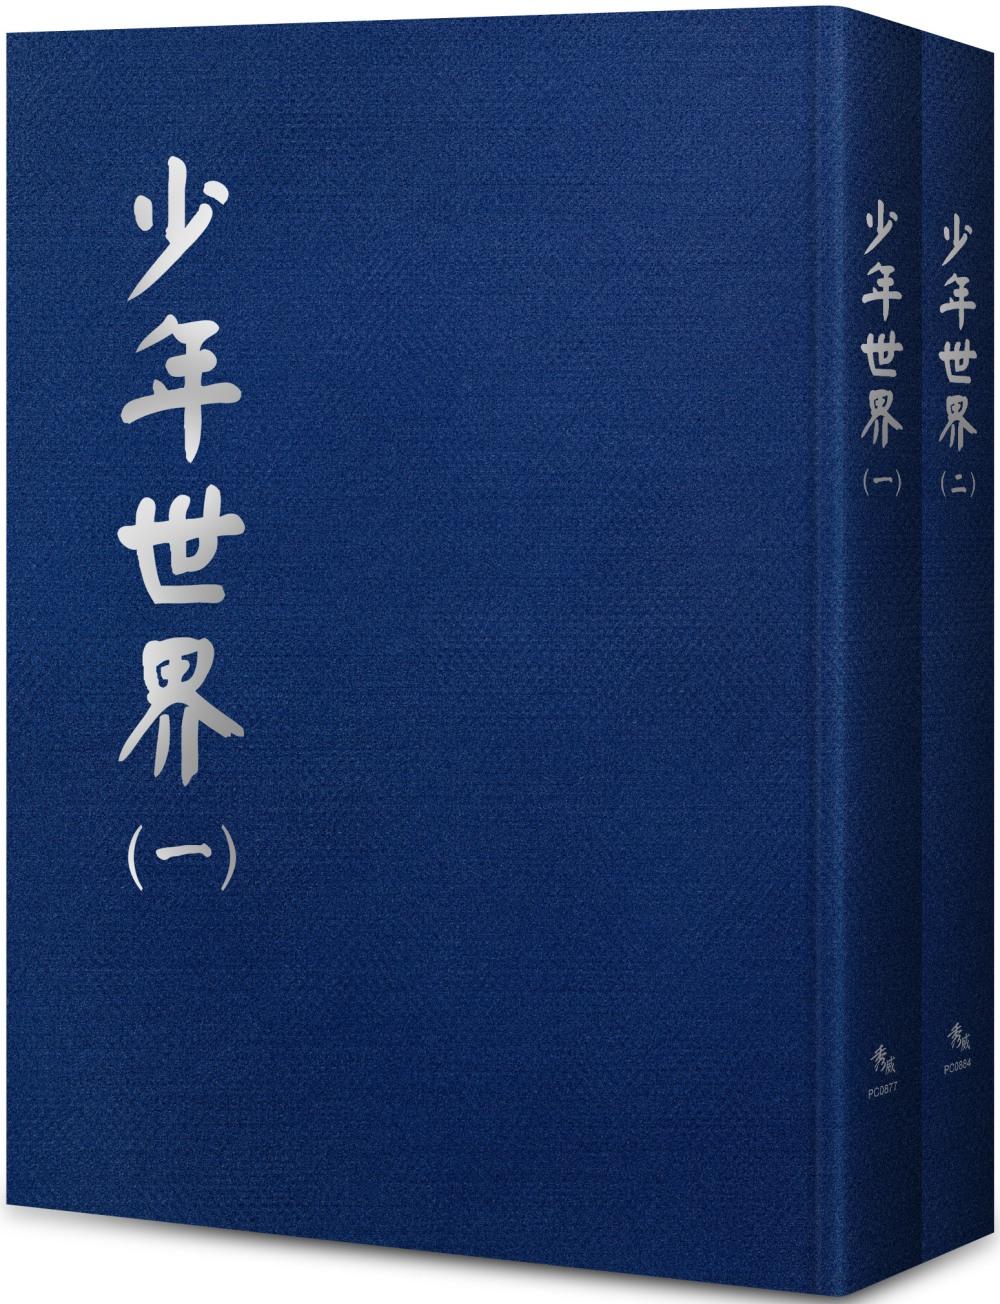 少年世界【全套2冊不分售】